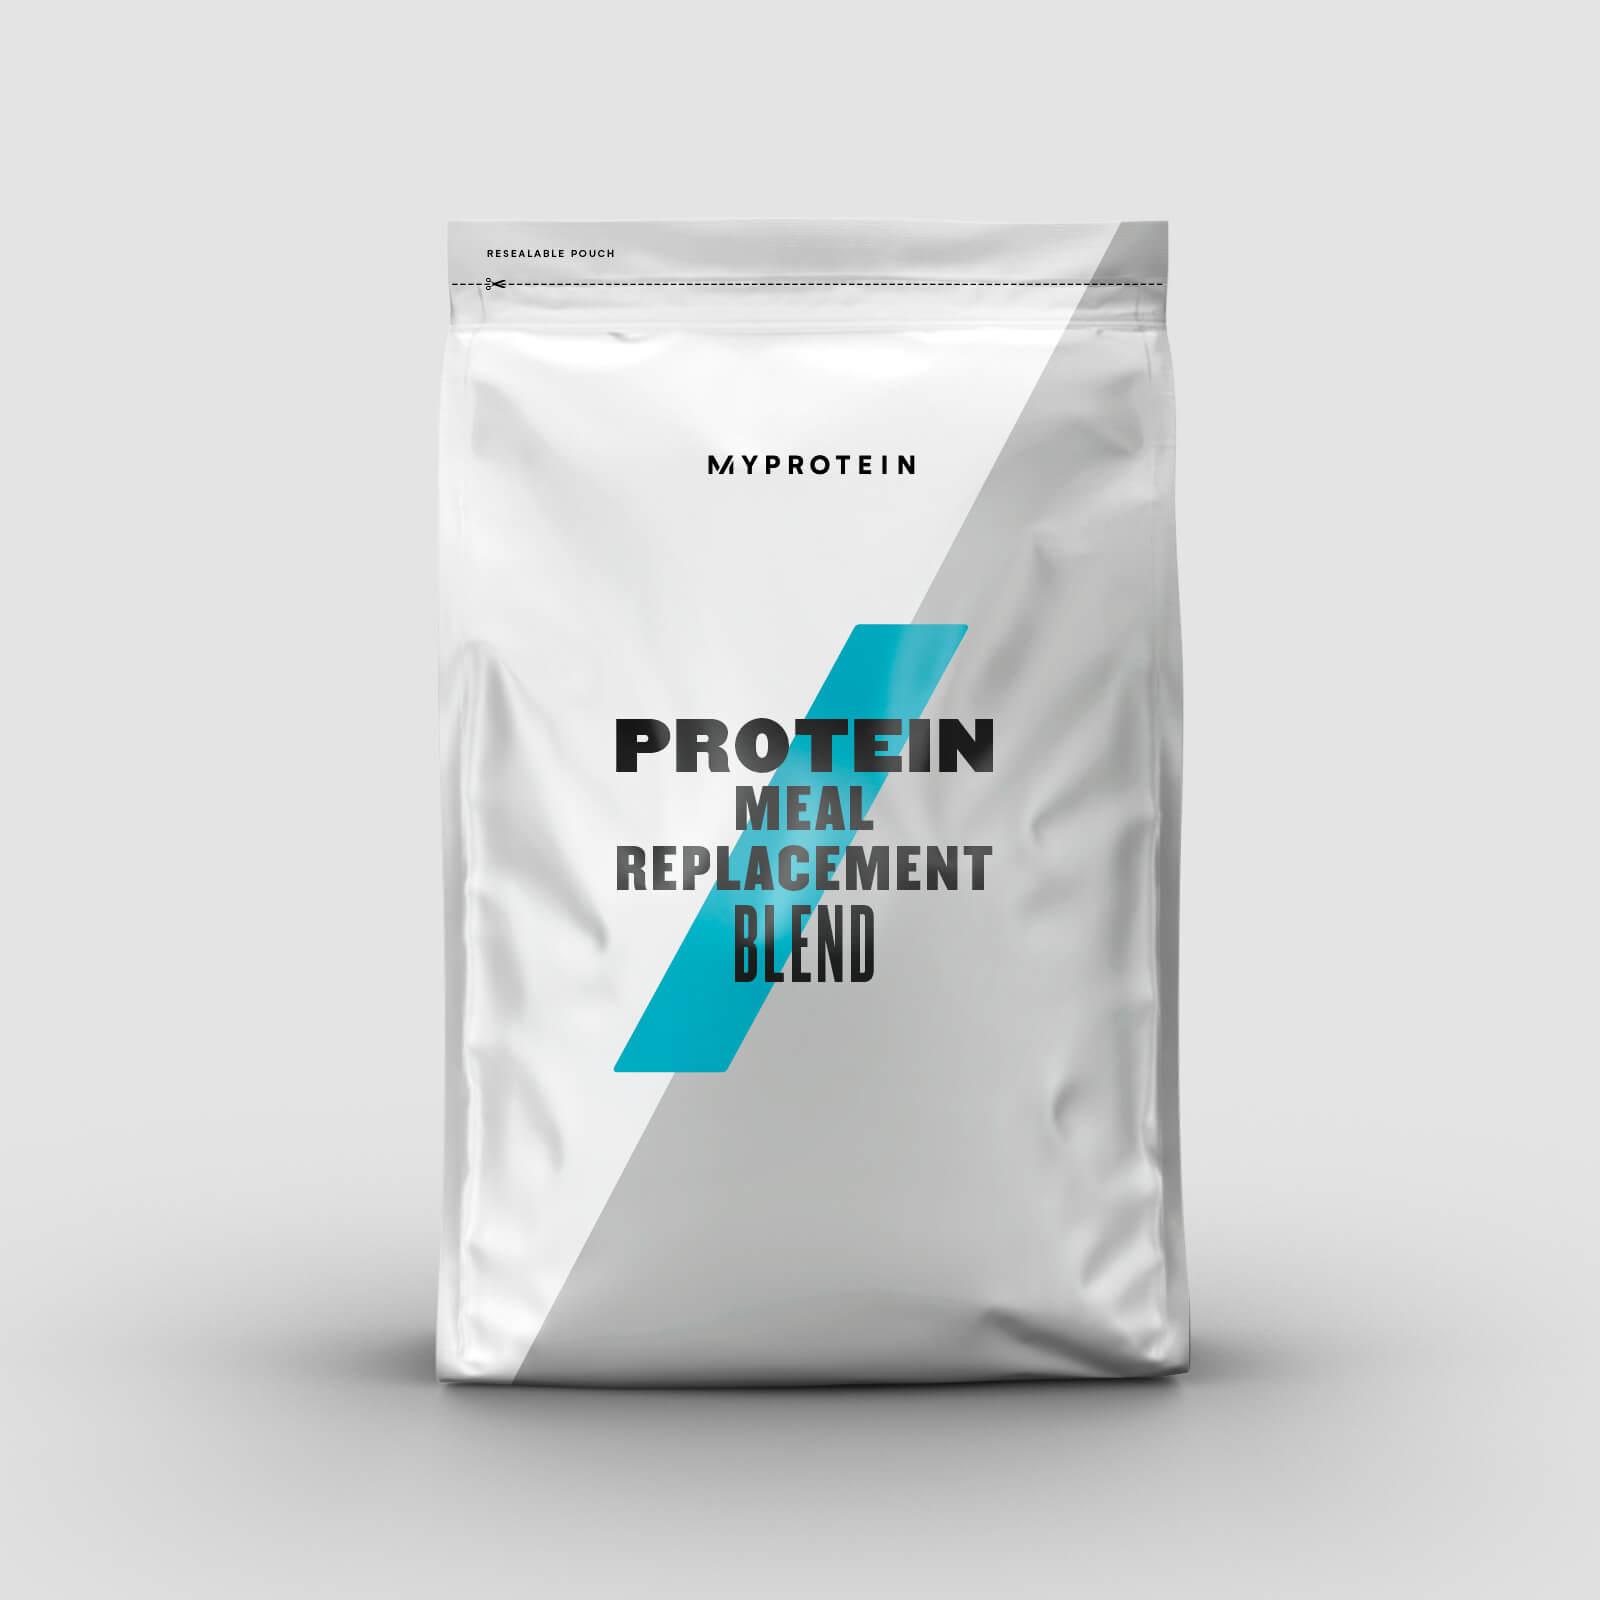 Myprotein Substitut de repas protéiné - 500g - Chocolat